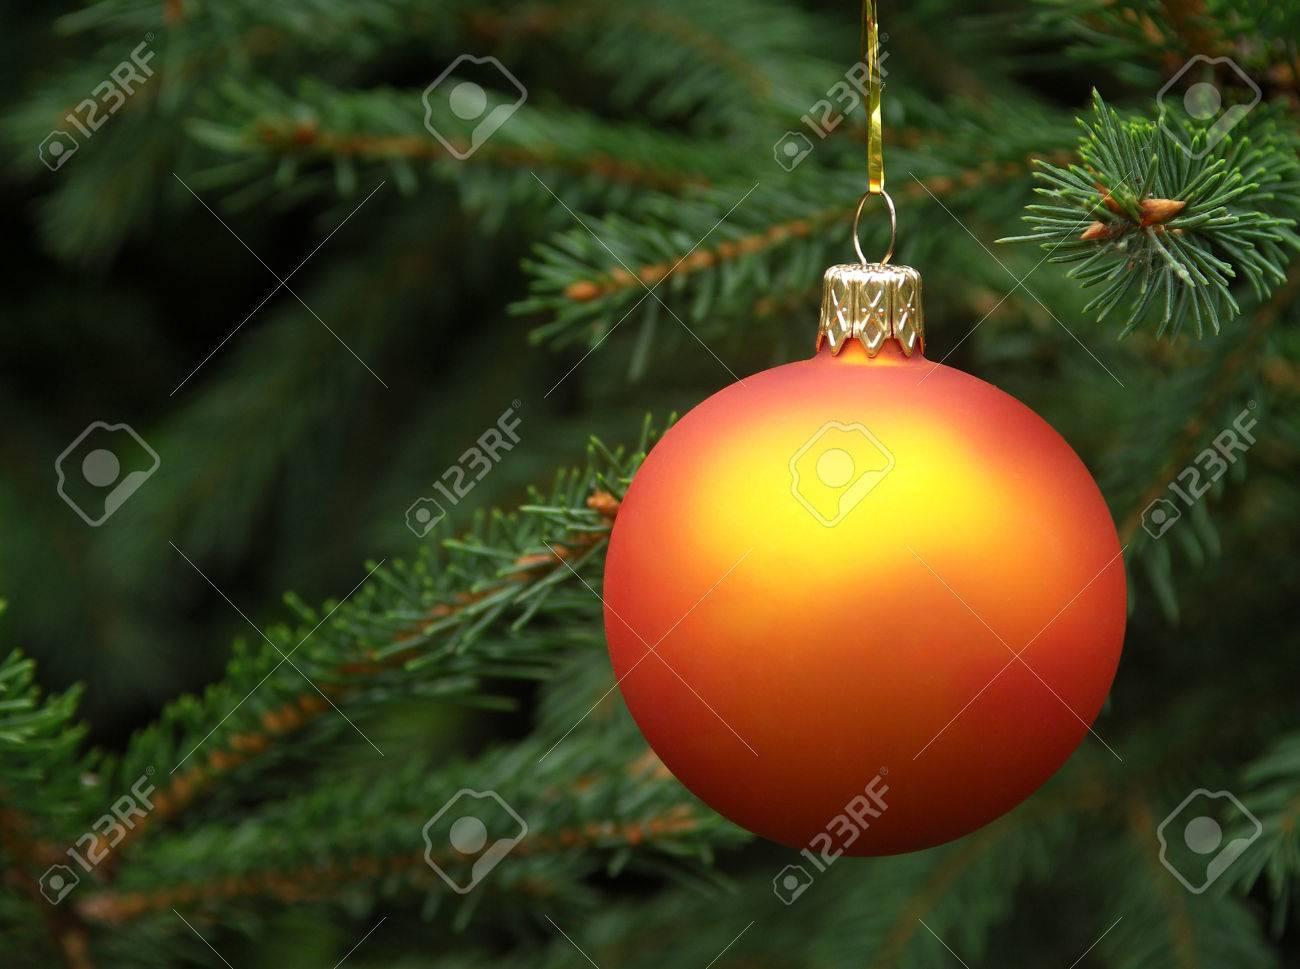 Orange Christmas Ball Hanging On A Christmas Tree Stock Photo ...